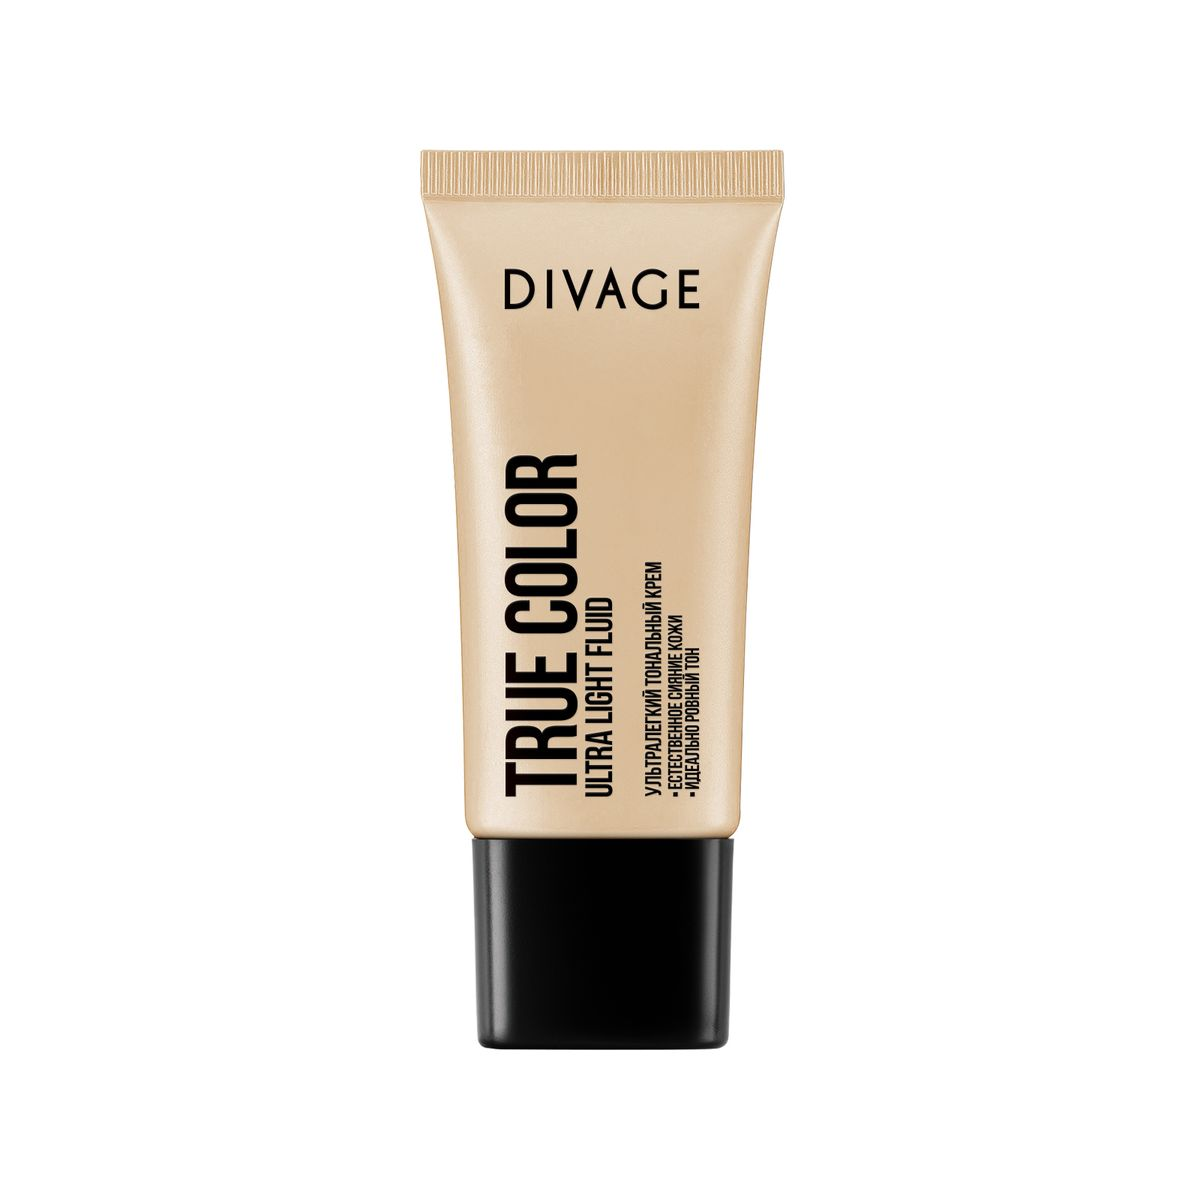 DIVAGE Тональный крем TRUE COLOR, тон № 03, 30 мл219593Невидимая и лёгкая тональная основа с прозрачной водянистой текстурой эффективно увлажняет и освежает кожу. Влага наполняет клетки и хорошо удерживается в поверхности кожи. Масло авокадо и витамины Е помогают клеткам кожи противостоять вредным воздействиям окружающей среды. Хорошо увлажнённая и защищённая кожа выглядит свежей, ухоженной и ровной без ощущения маски на лице.Красивая кожа лица - секрет идеального макияжа и залог твоего хорошего настроения, поэтому выбору тонального крема стоит уделить особое внимание! Выбирай тональный крем в соответствии с твоим типом кожи. Наносить тональный крем лучше от центра лица, двигаясь к периферии. Ты можешь выбрать для нанесения любой способ. Влажный спонж обеспечит максимально тонкий и равномерный слой тонального средства, кистью лучше получится выполнить более плотное покрытие, а нанесение пальчиками подарит естественный эффект. Совершенство возможно с DIVAGE!